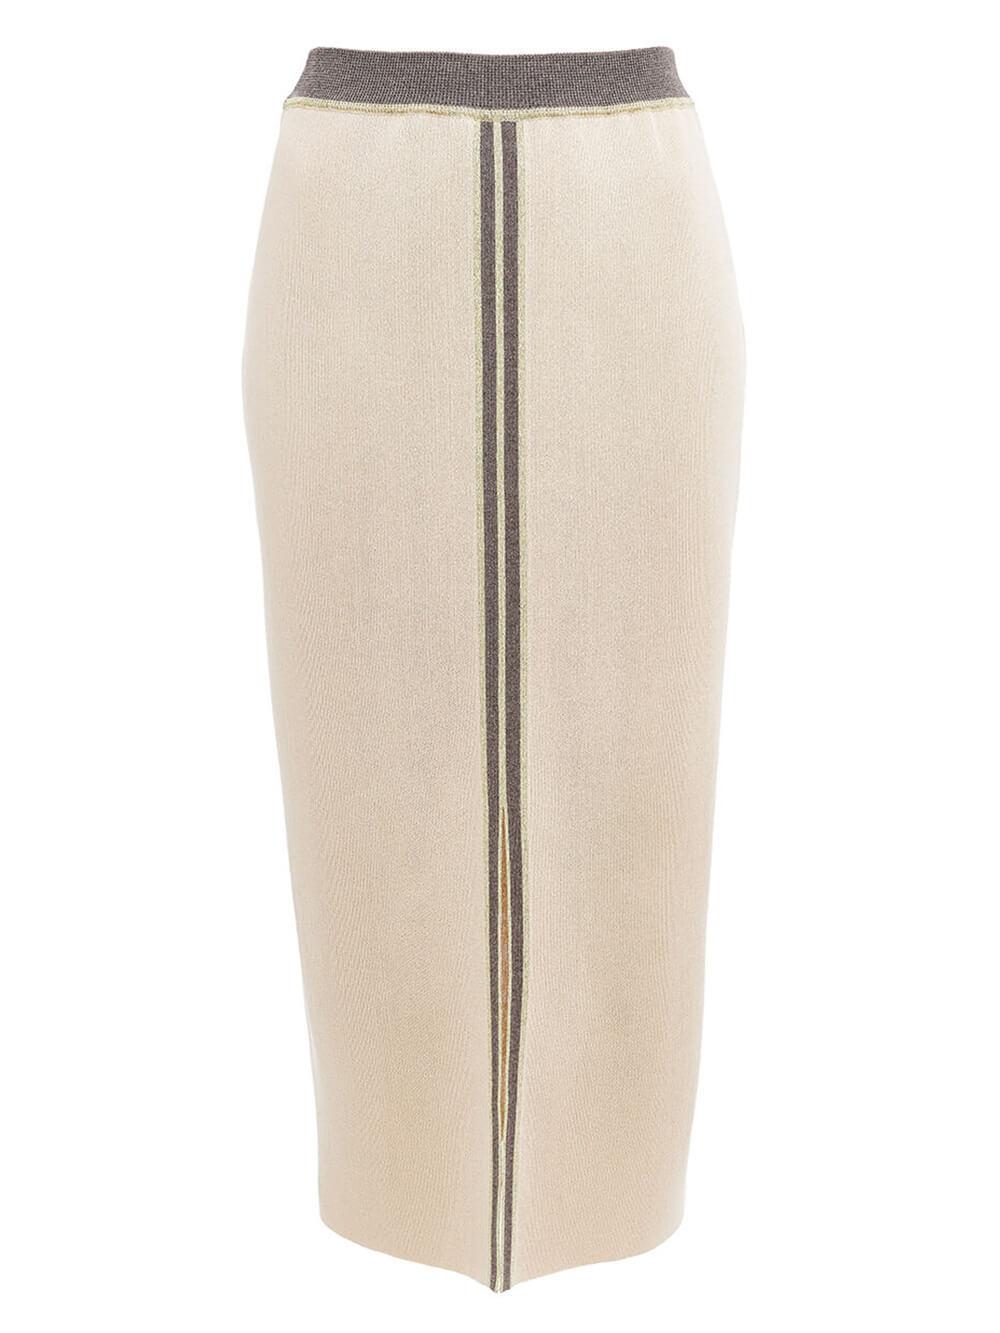 Женская юбка бежевого цвета из вискозы с разрезом и контрастной полосой - фото 1